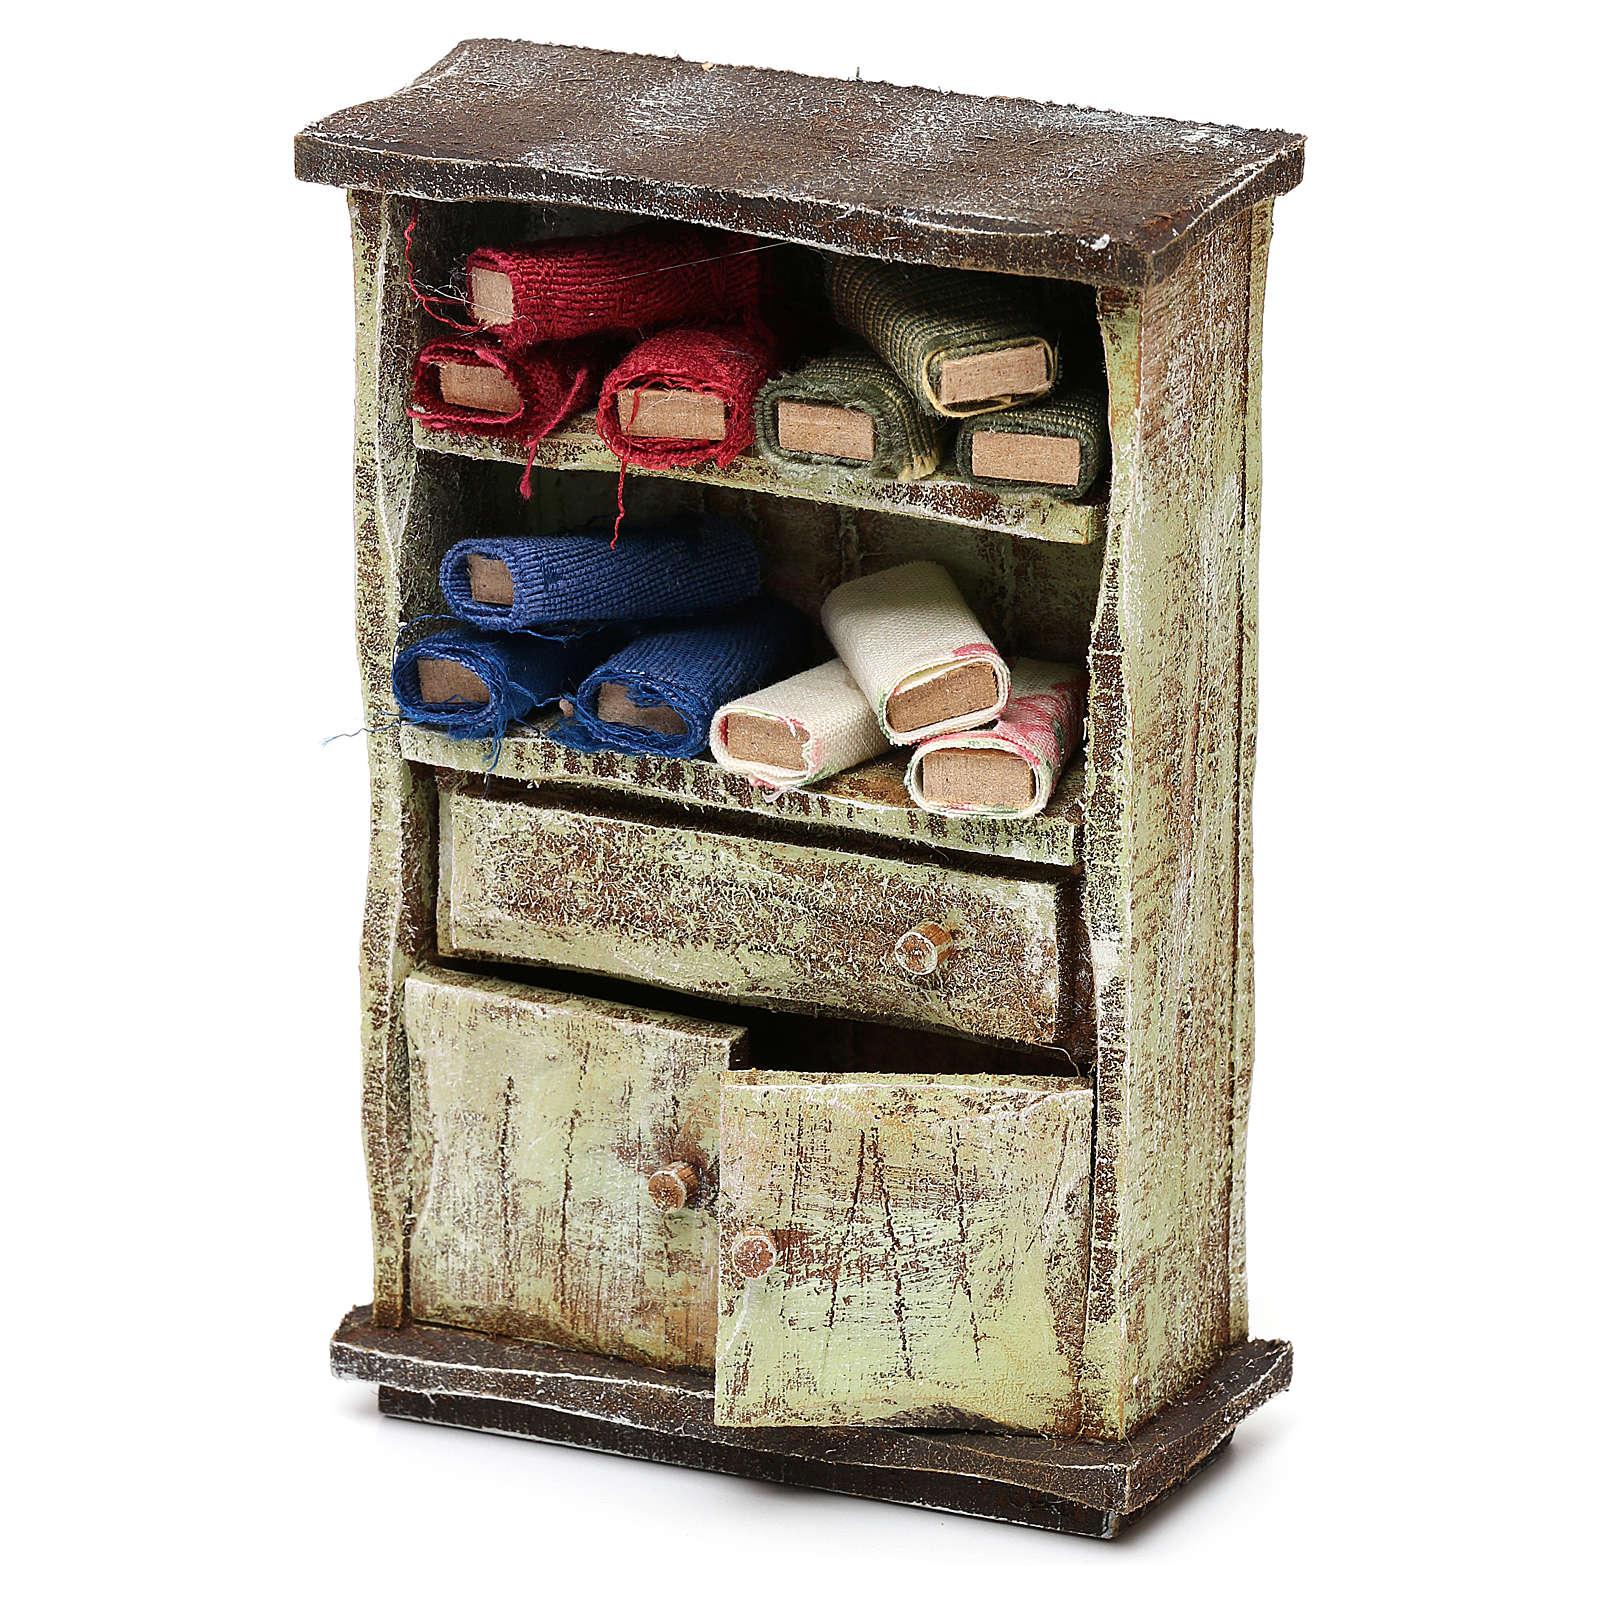 Mueble con rollos tela sastre belén 12 cm 10x10x5 cm 4